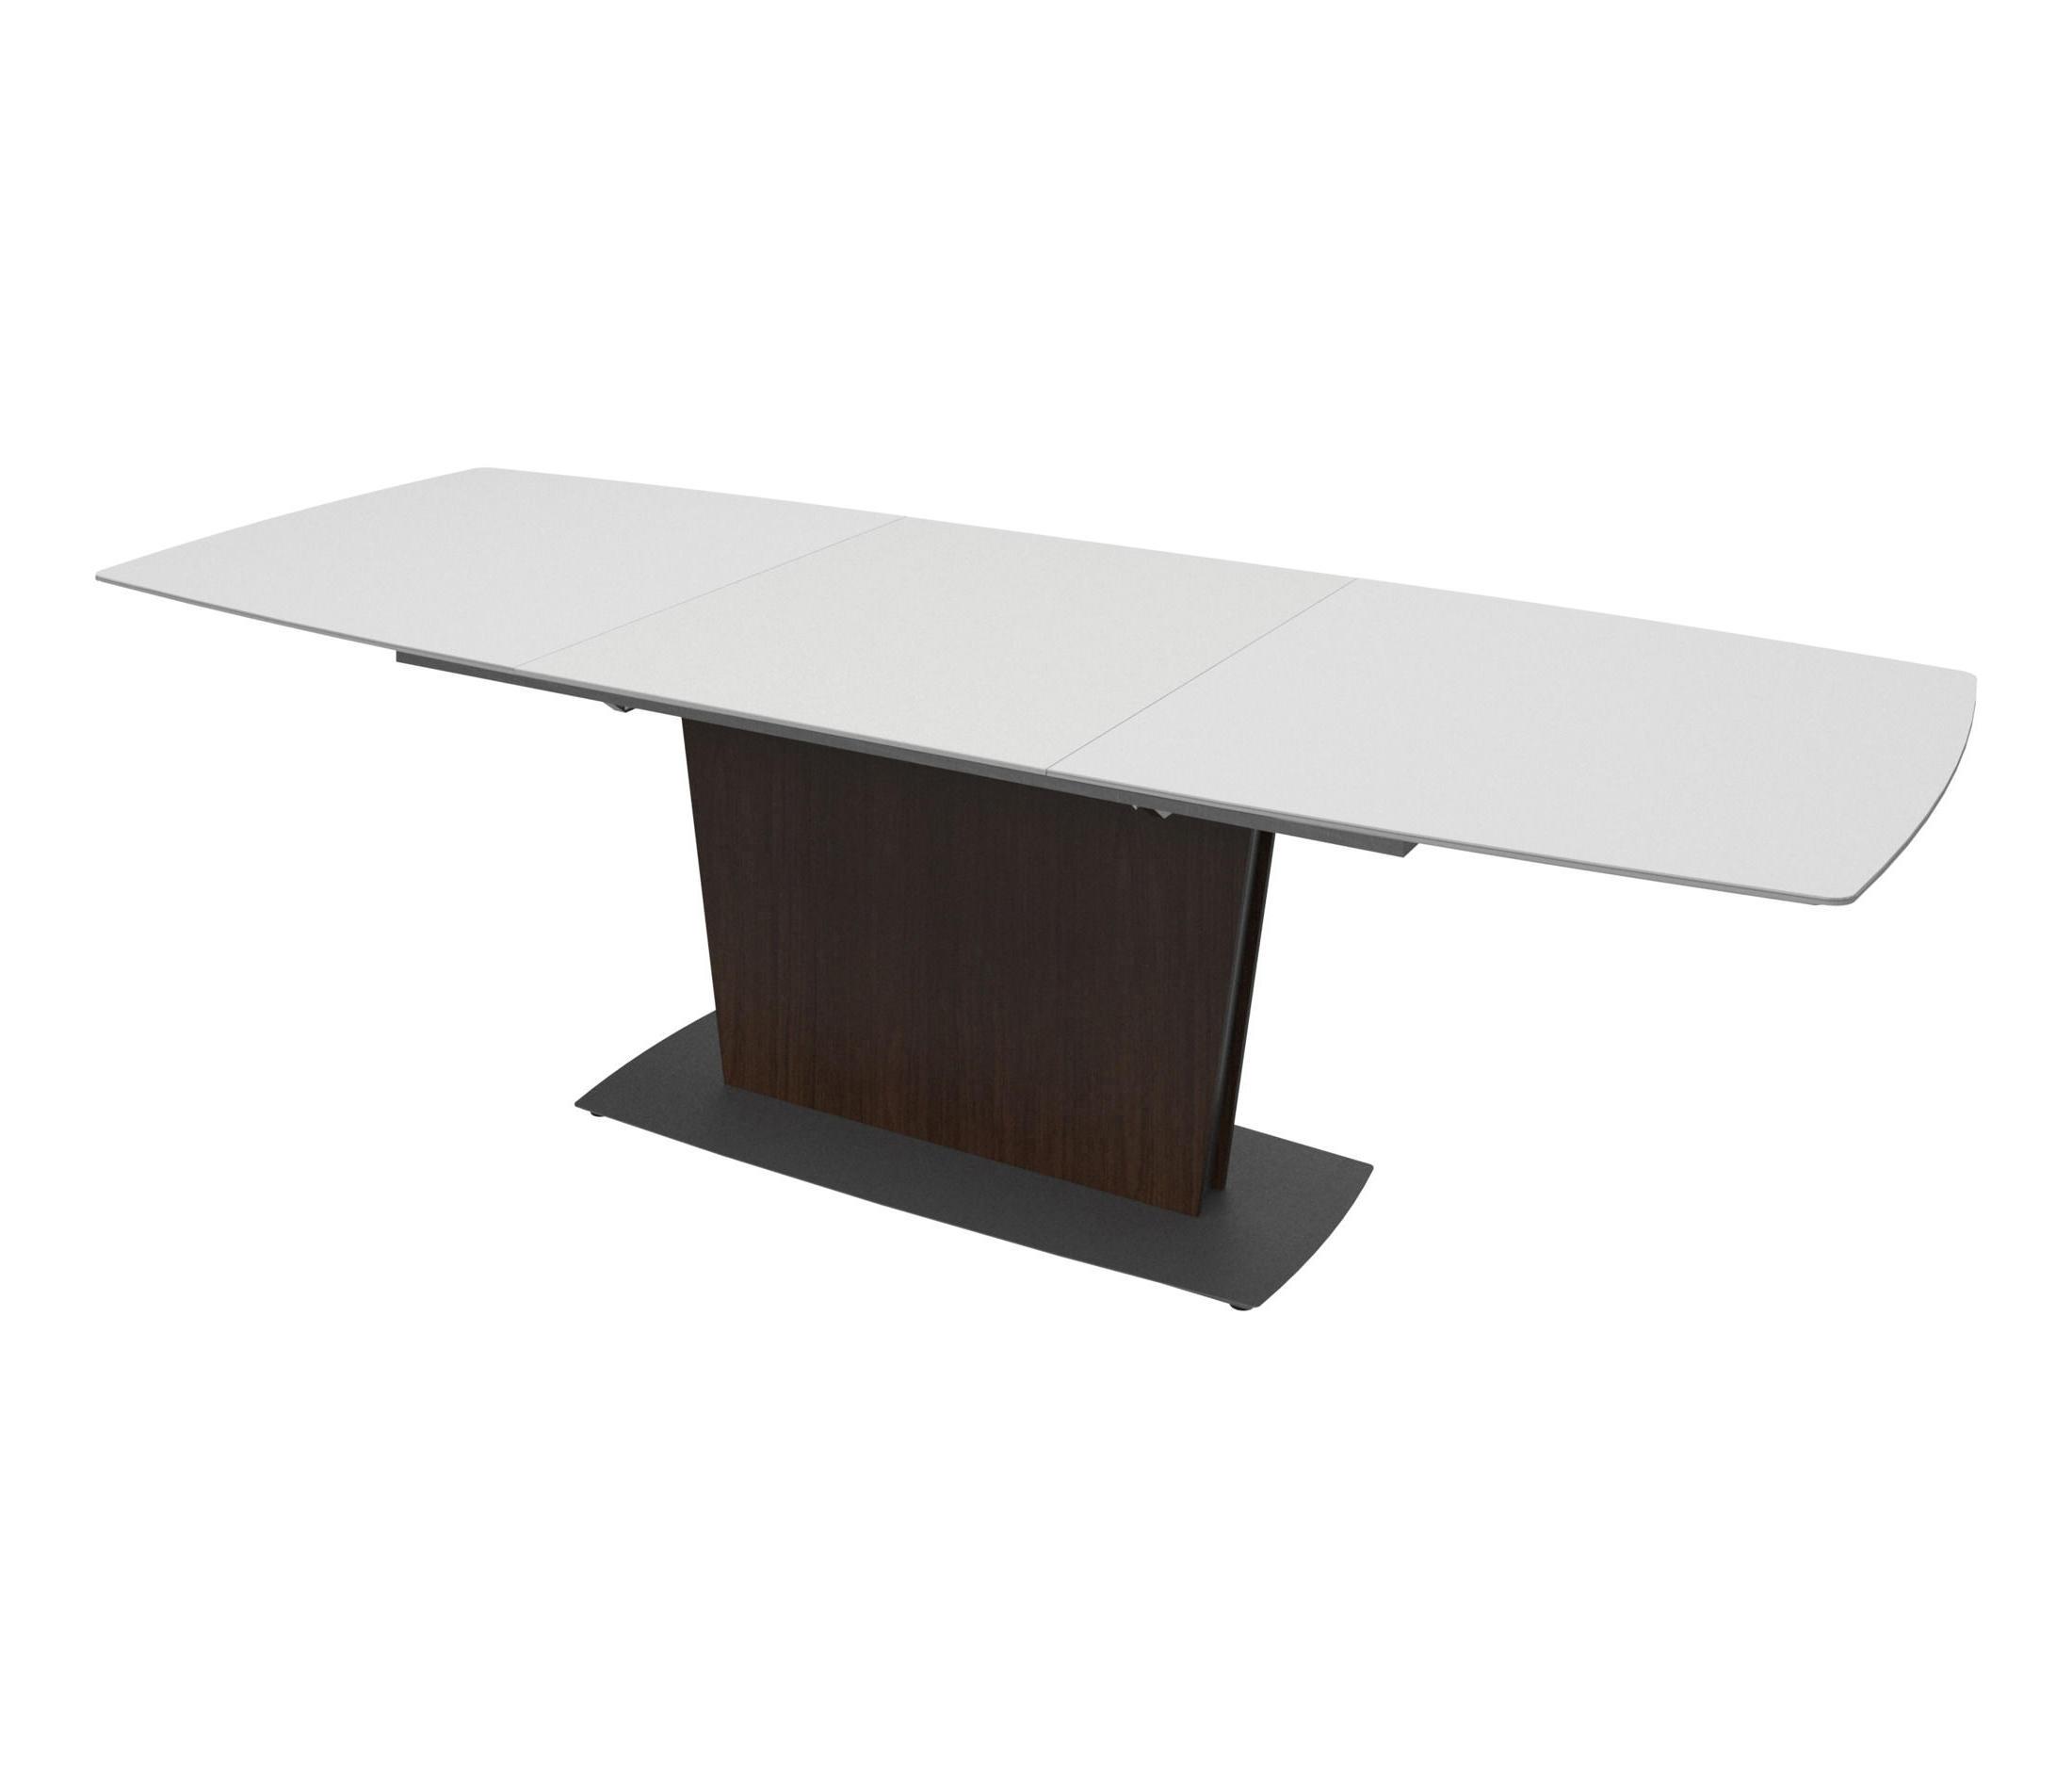 milano table t013 designer furniture